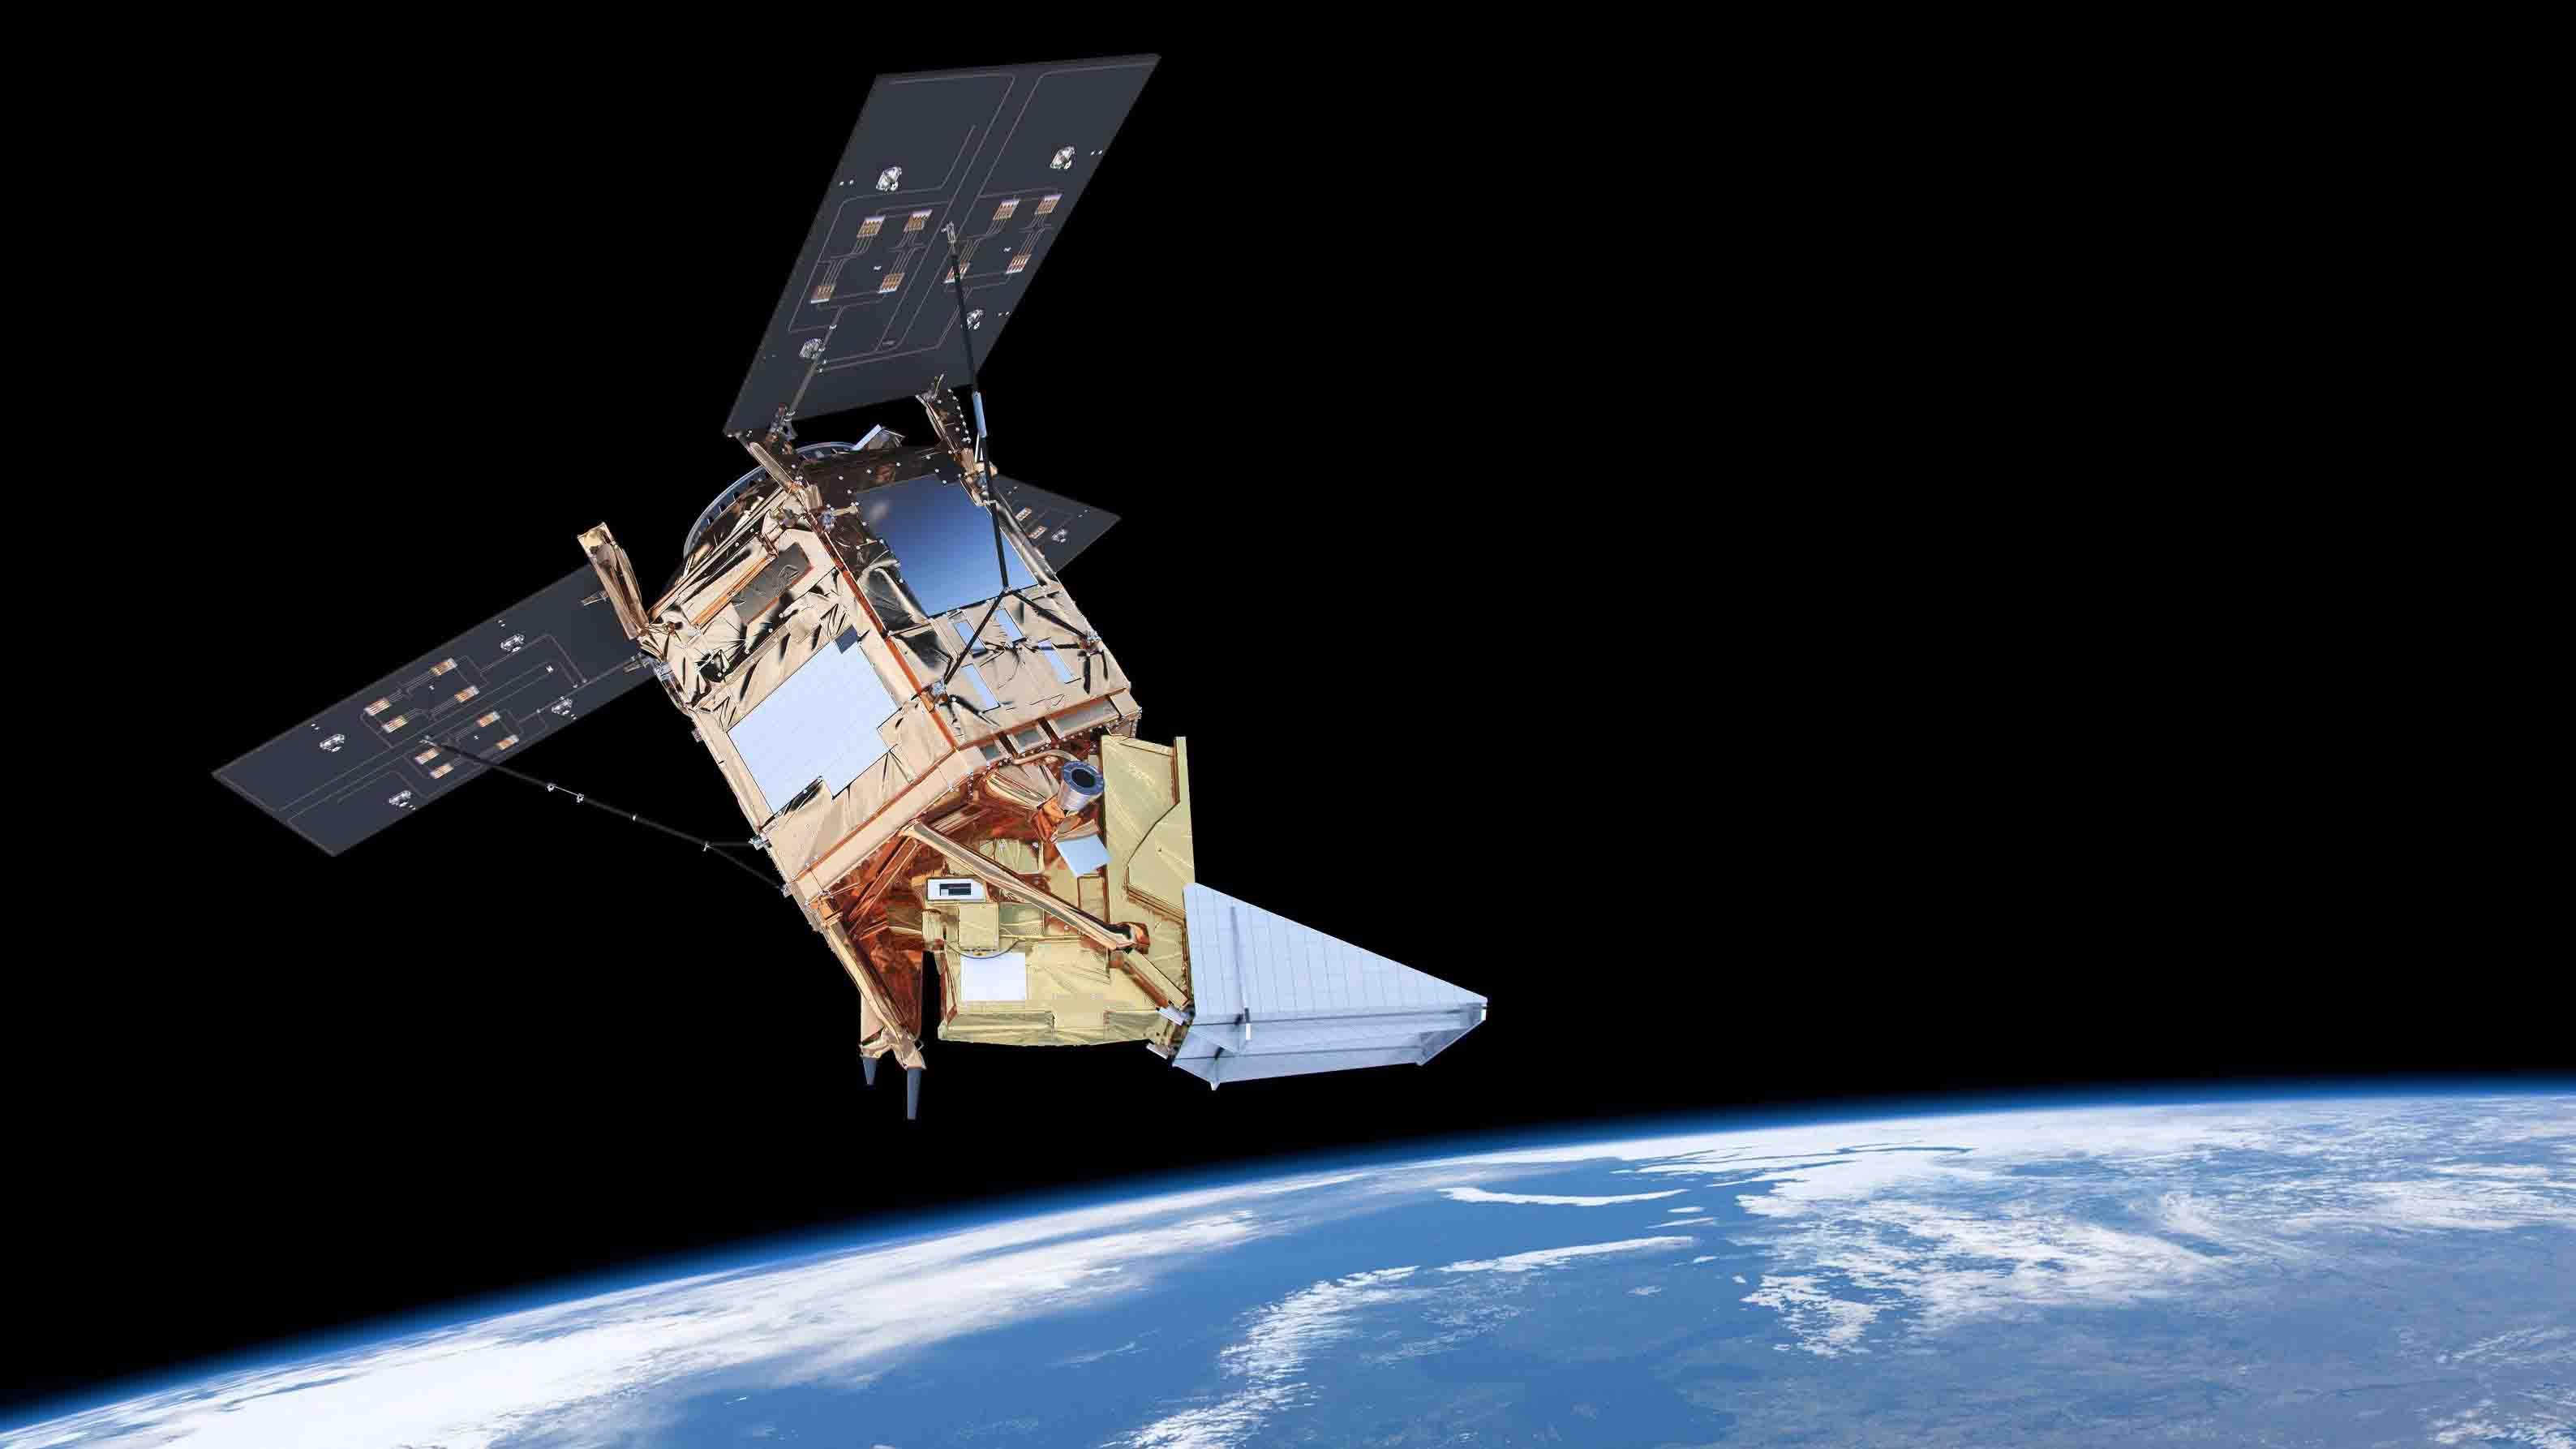 En el espacio se situará a unos 500 kilómetros de altitud en una órbita polar que pasará sobre esa nación cuatro veces al día